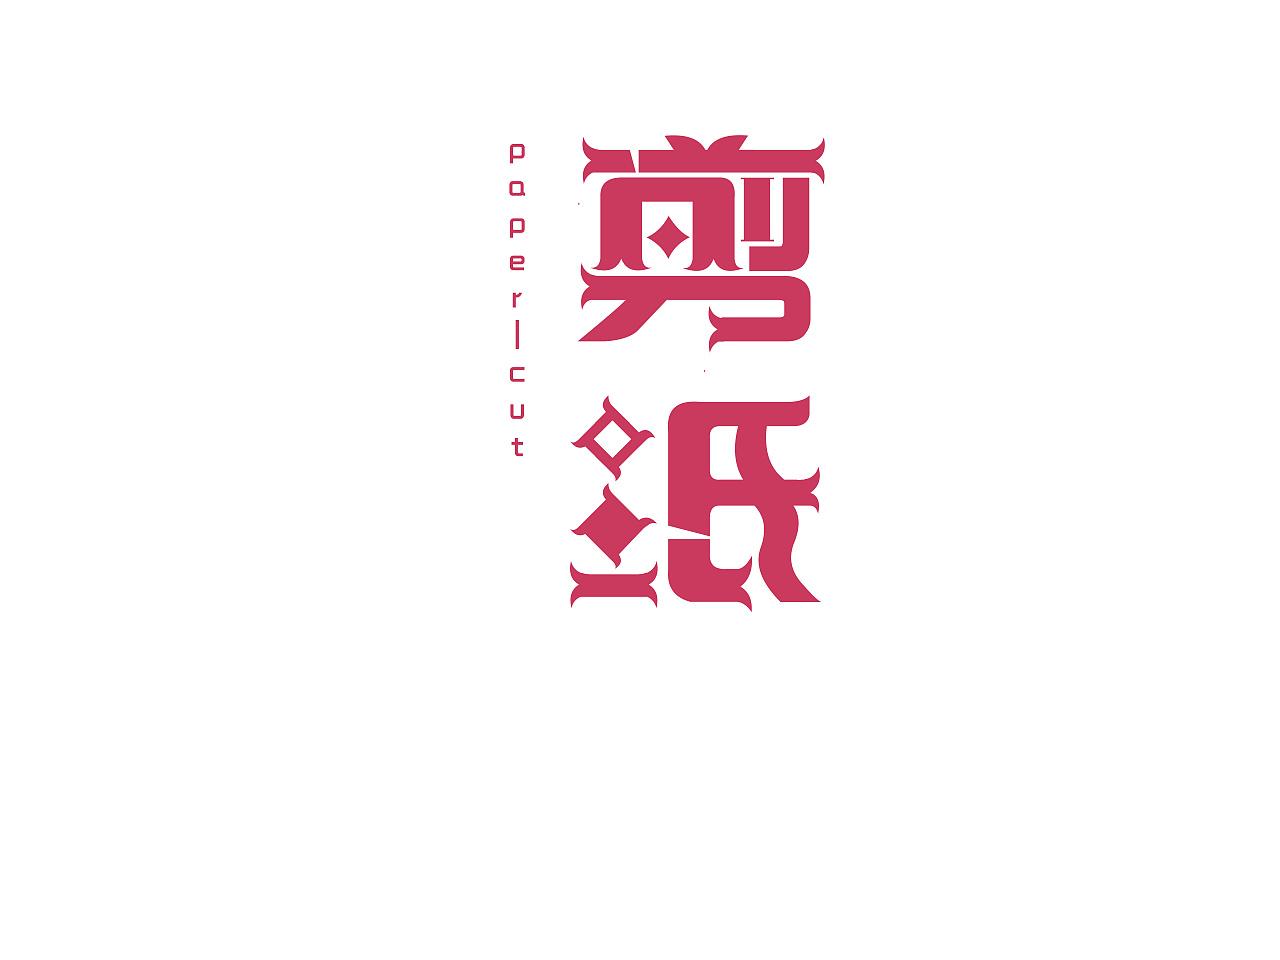 剪纸图案字体设计